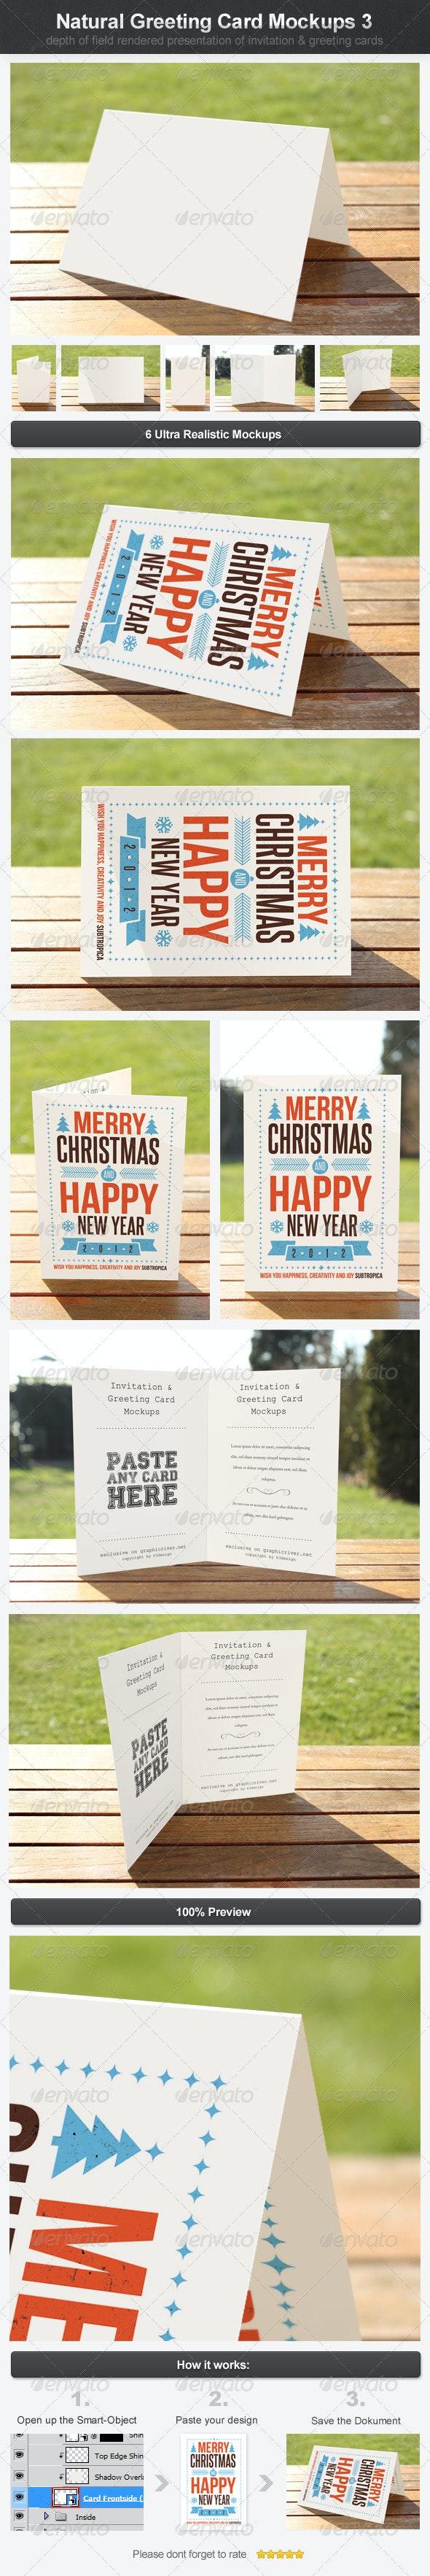 Natural Greeting Card Mockups 3 - Print Product Mock-Ups